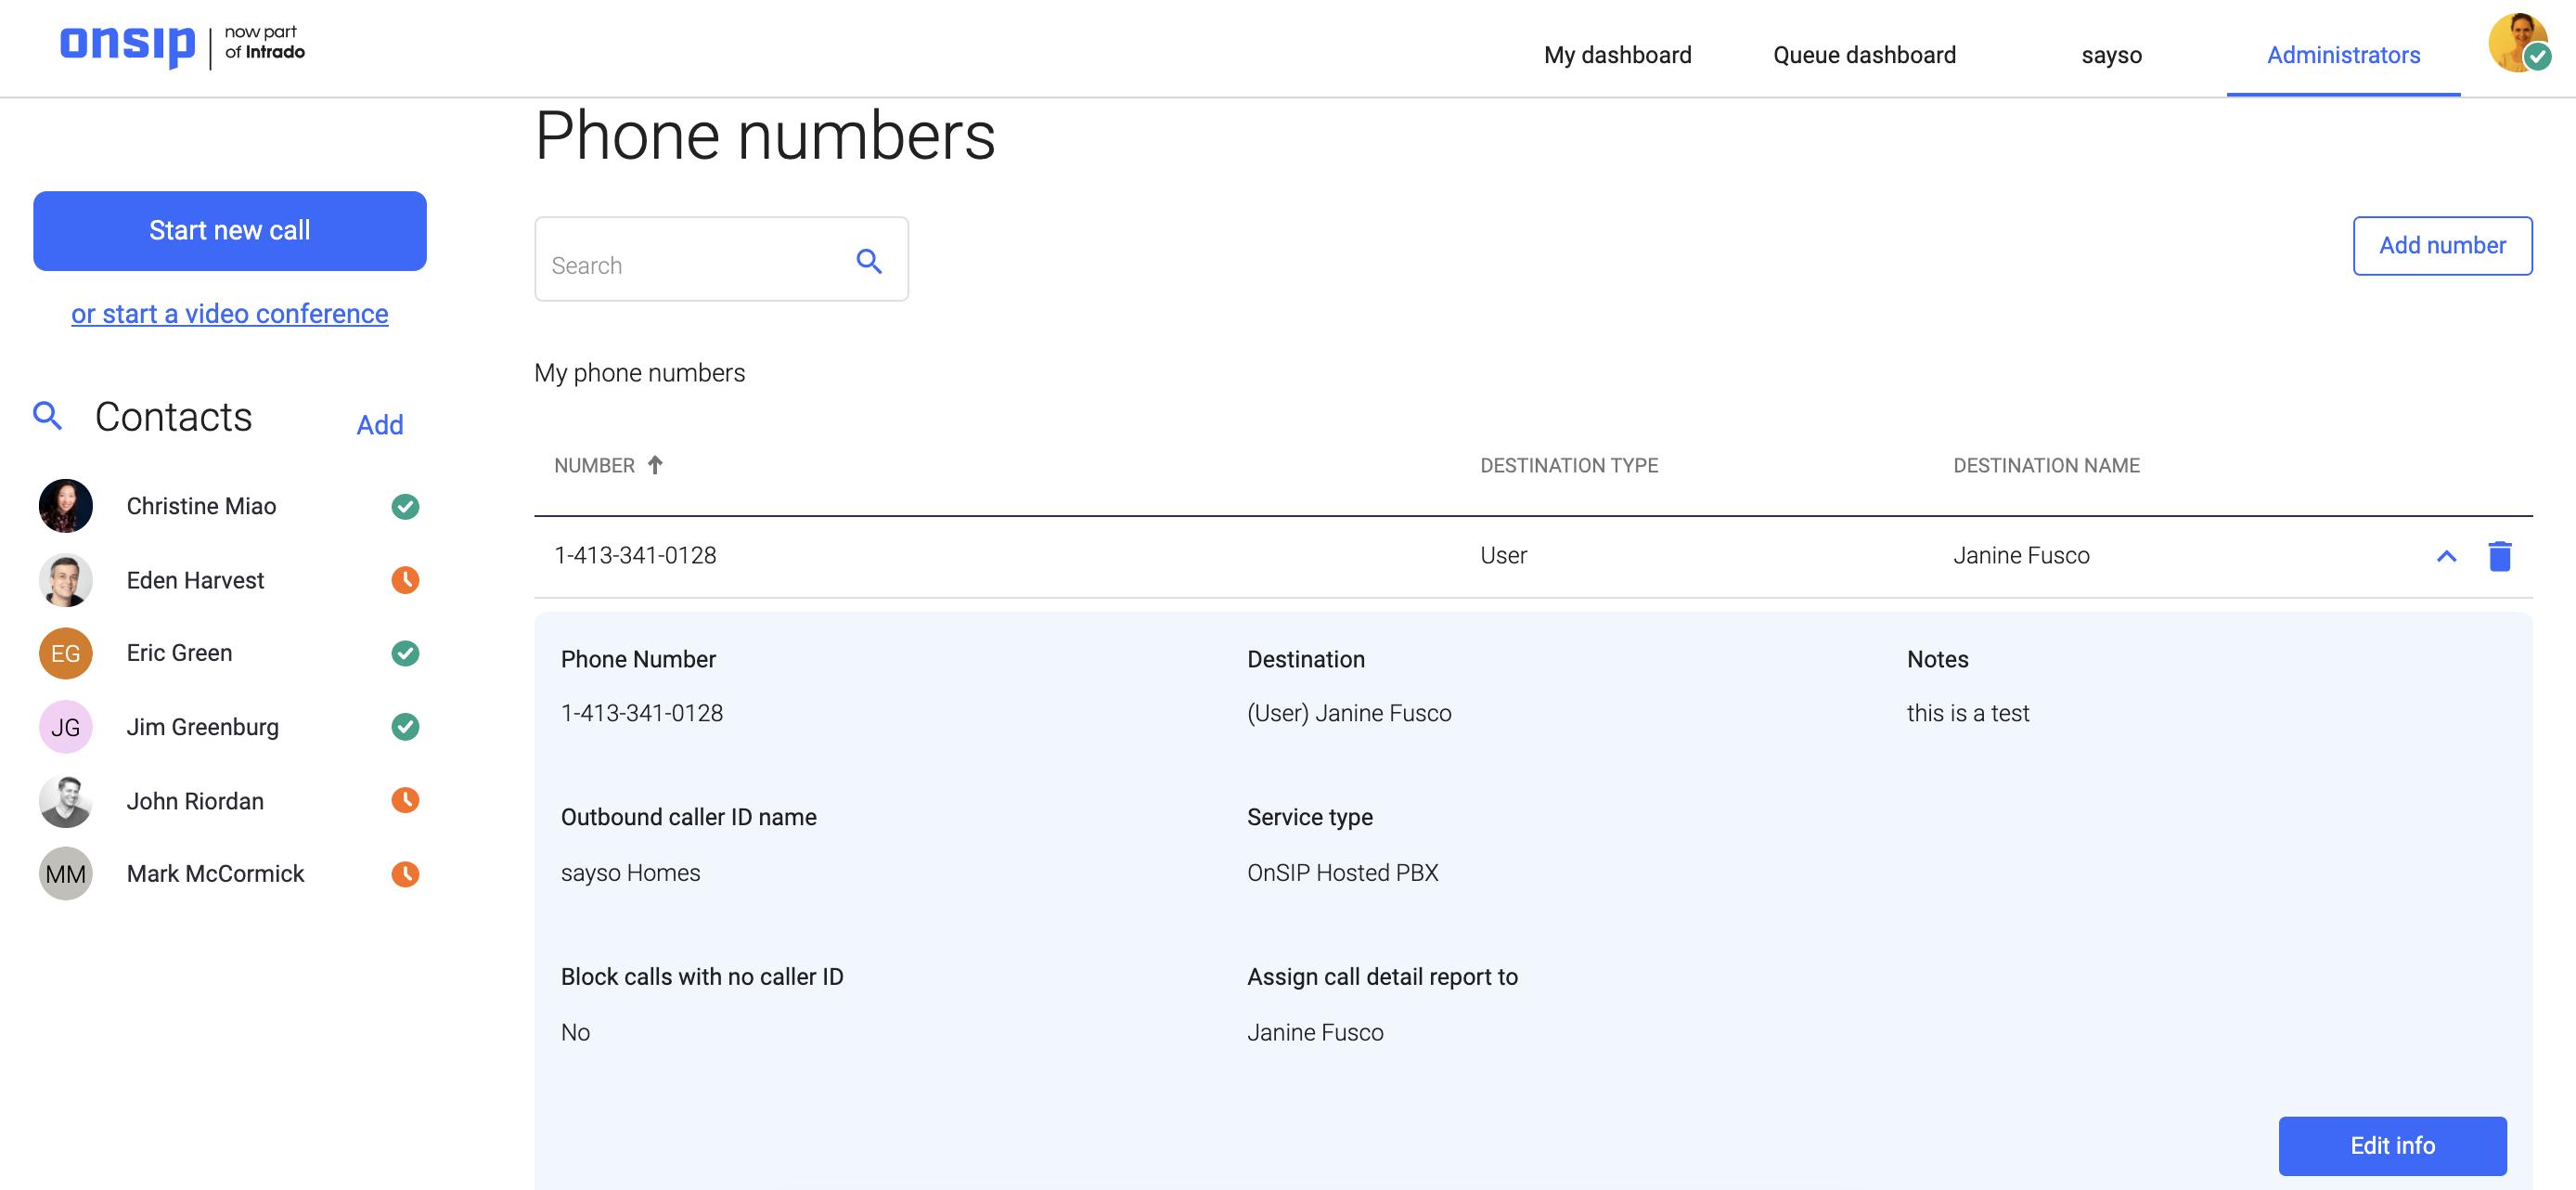 Screenshot of OnSIP Admin Portal phone number detail view.